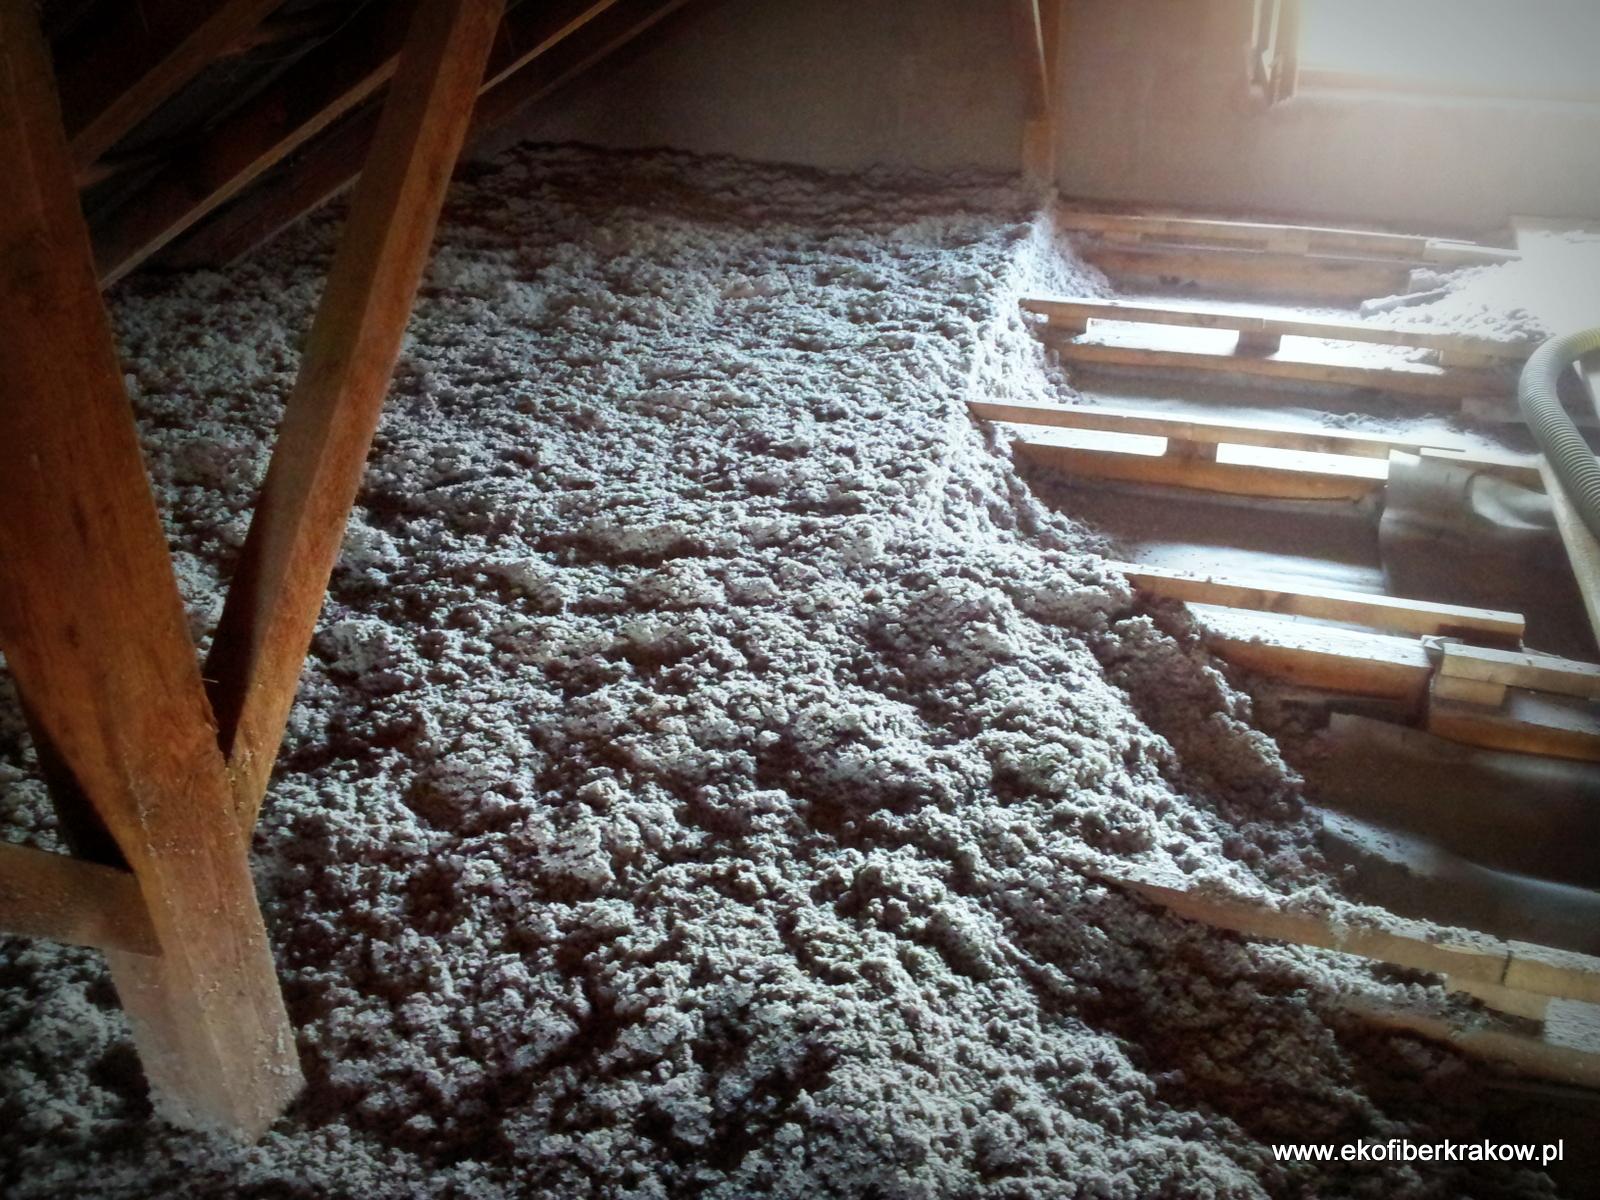 Podłoga poddasza w trakcie wykonywanie izolacji granulatem Ekofiber